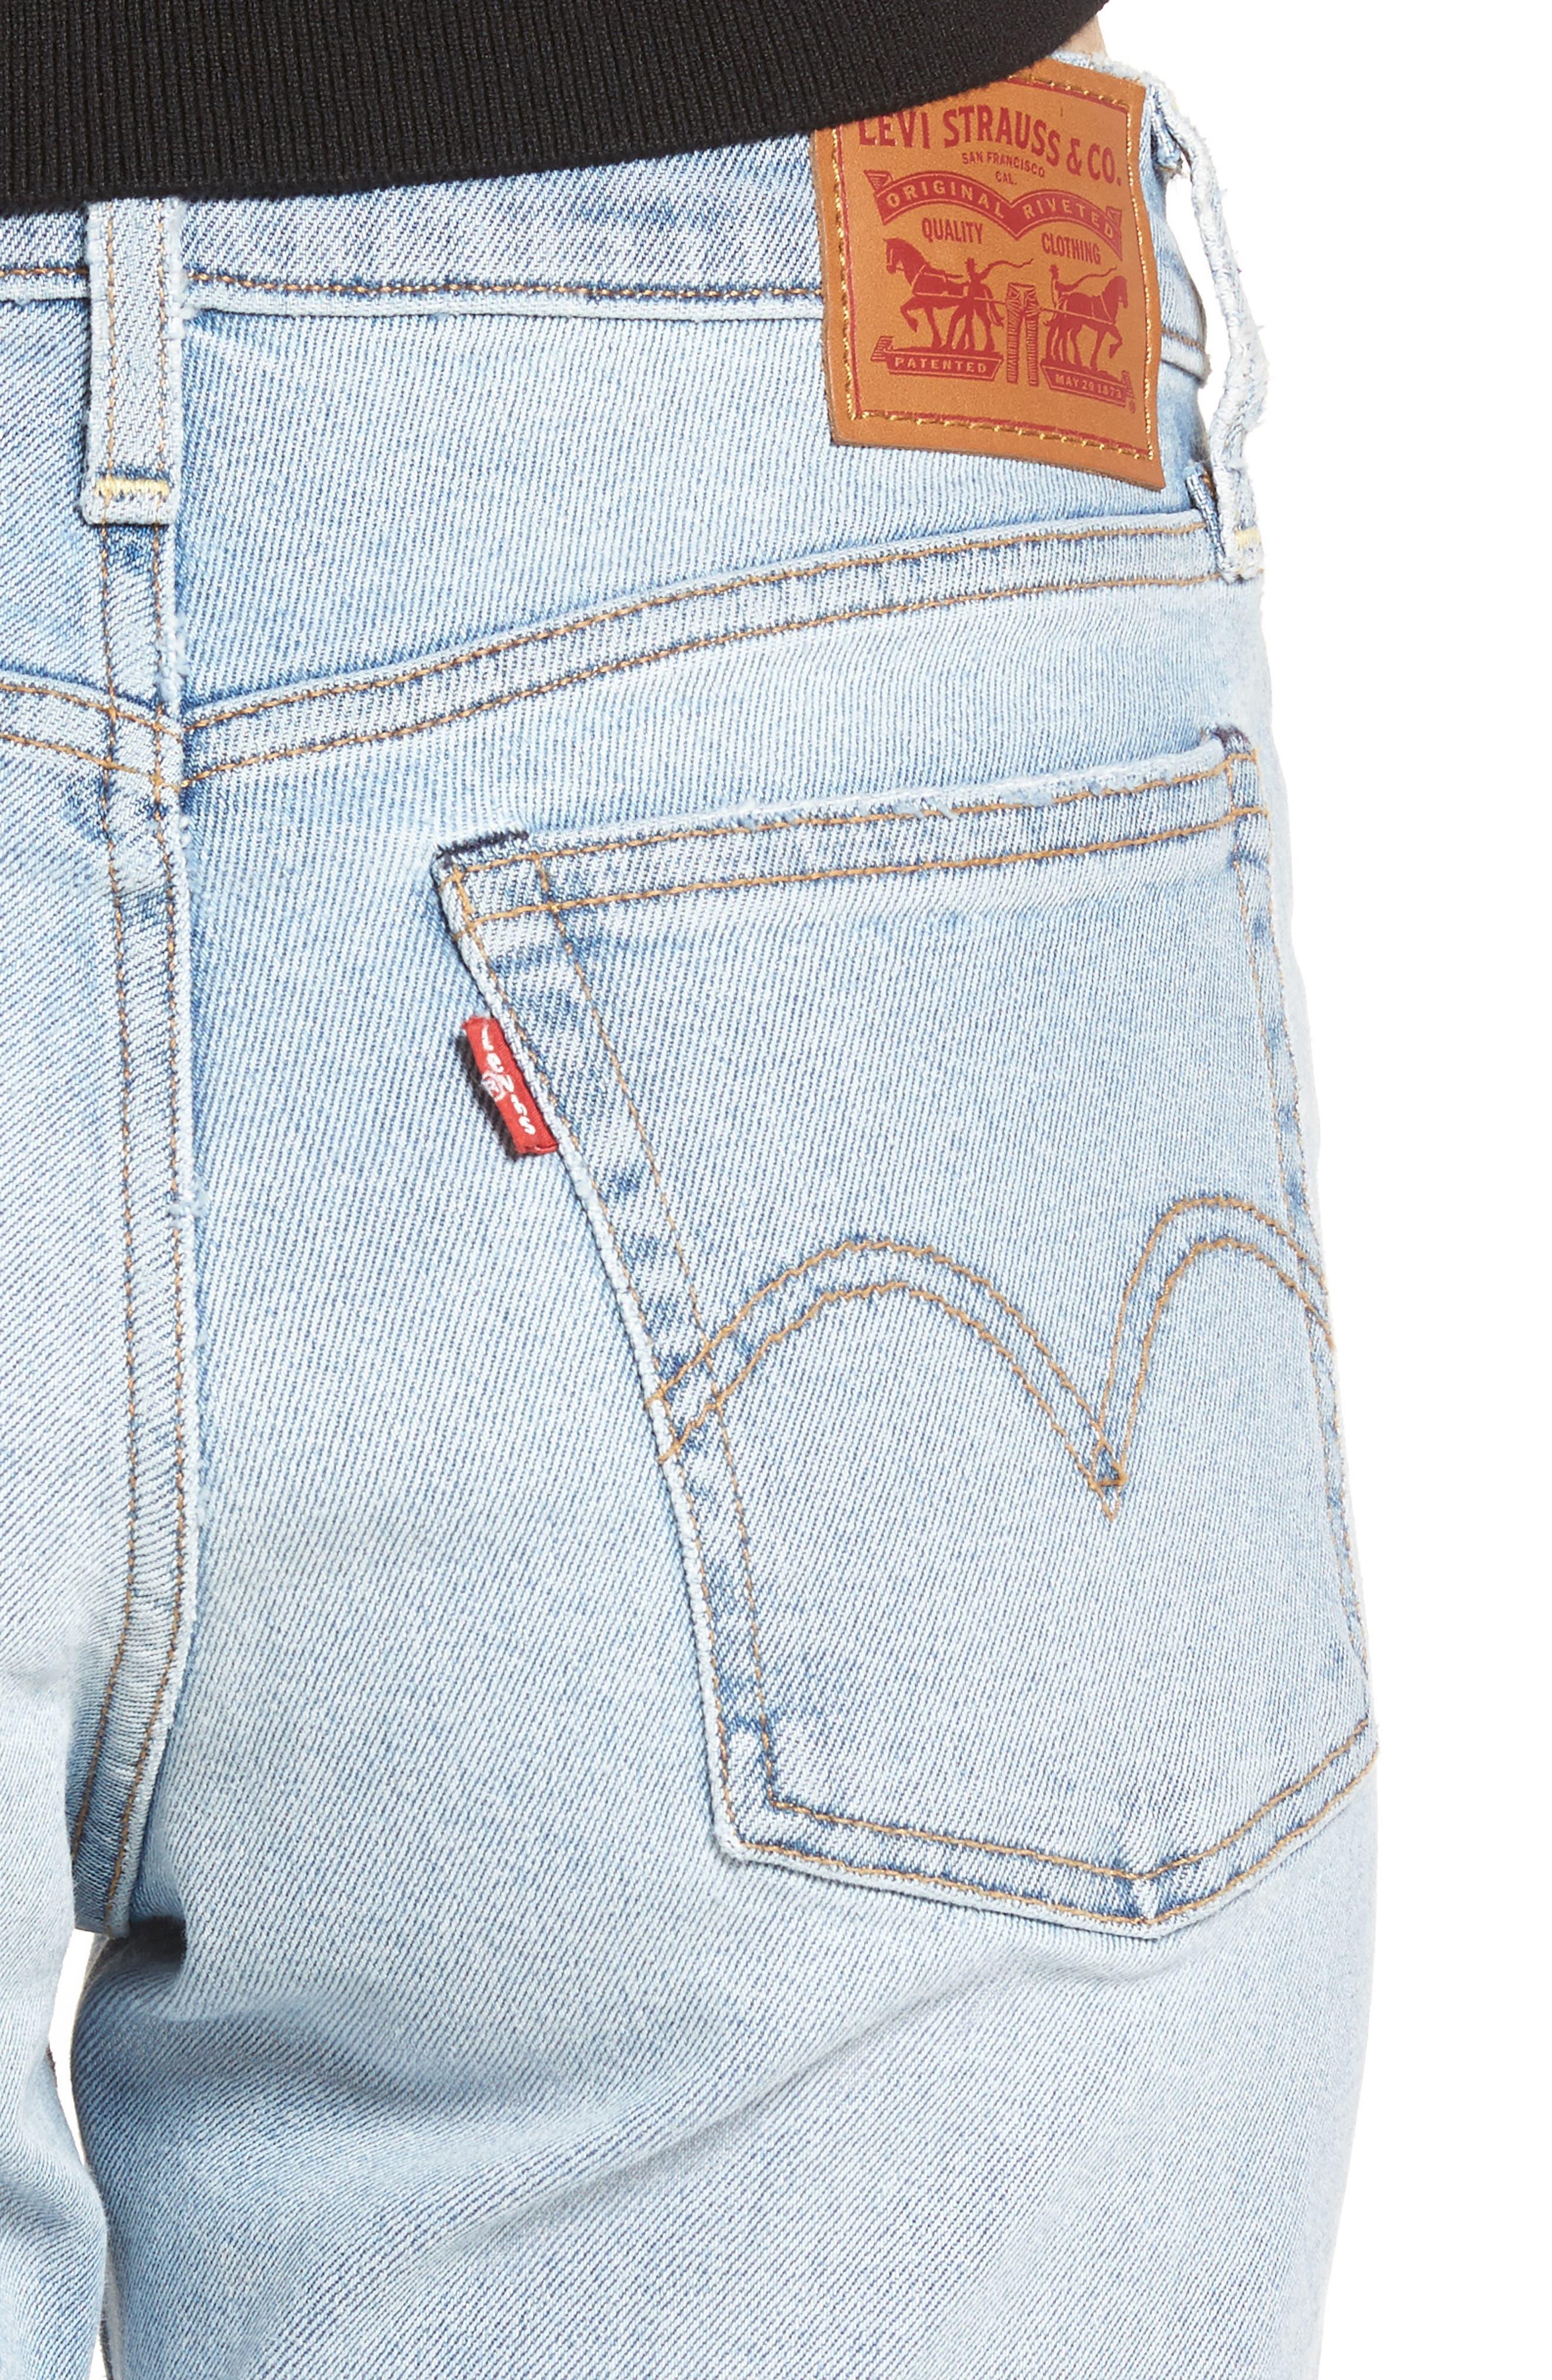 Wedgie Icon Fit High Waist Crop Jeans,                             Alternate thumbnail 4, color,                             Bauhaus Blues